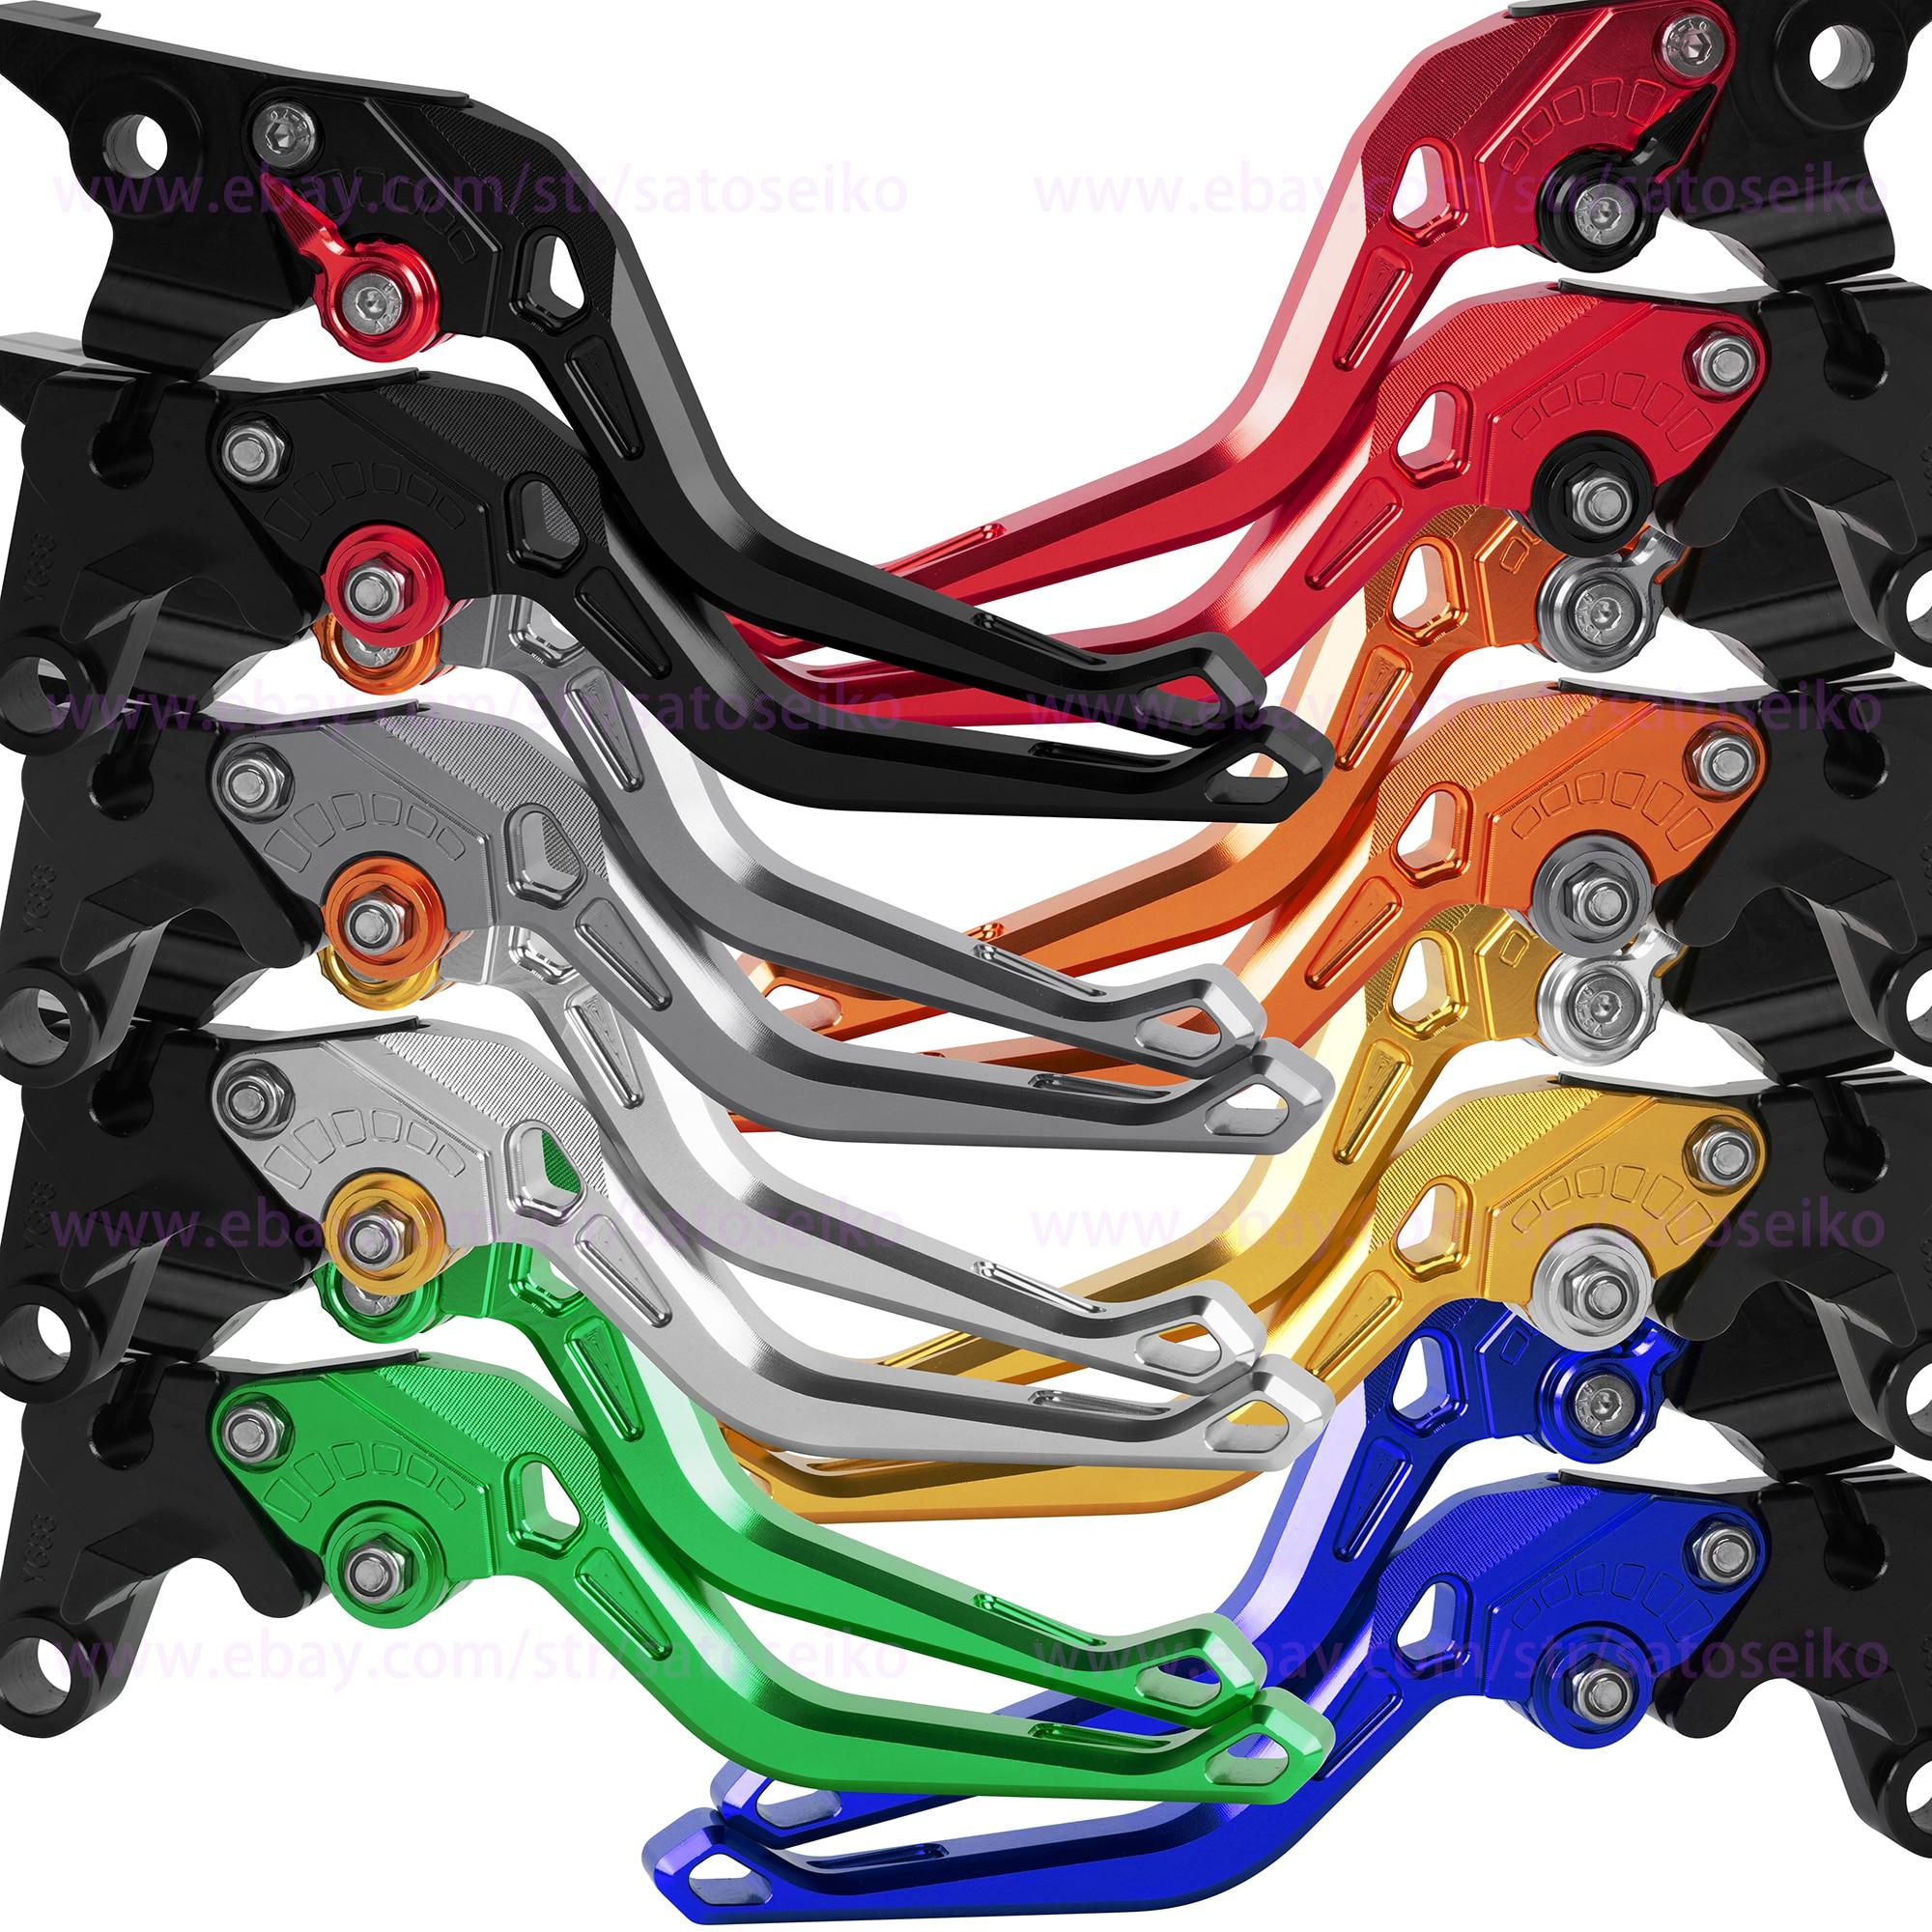 Алюминиевые Регулируемые рычаги тормозной муфты для Suzuki GSX1400 2001-2007/BANDIT 650 2007-2012 2011 2010 2009 2008